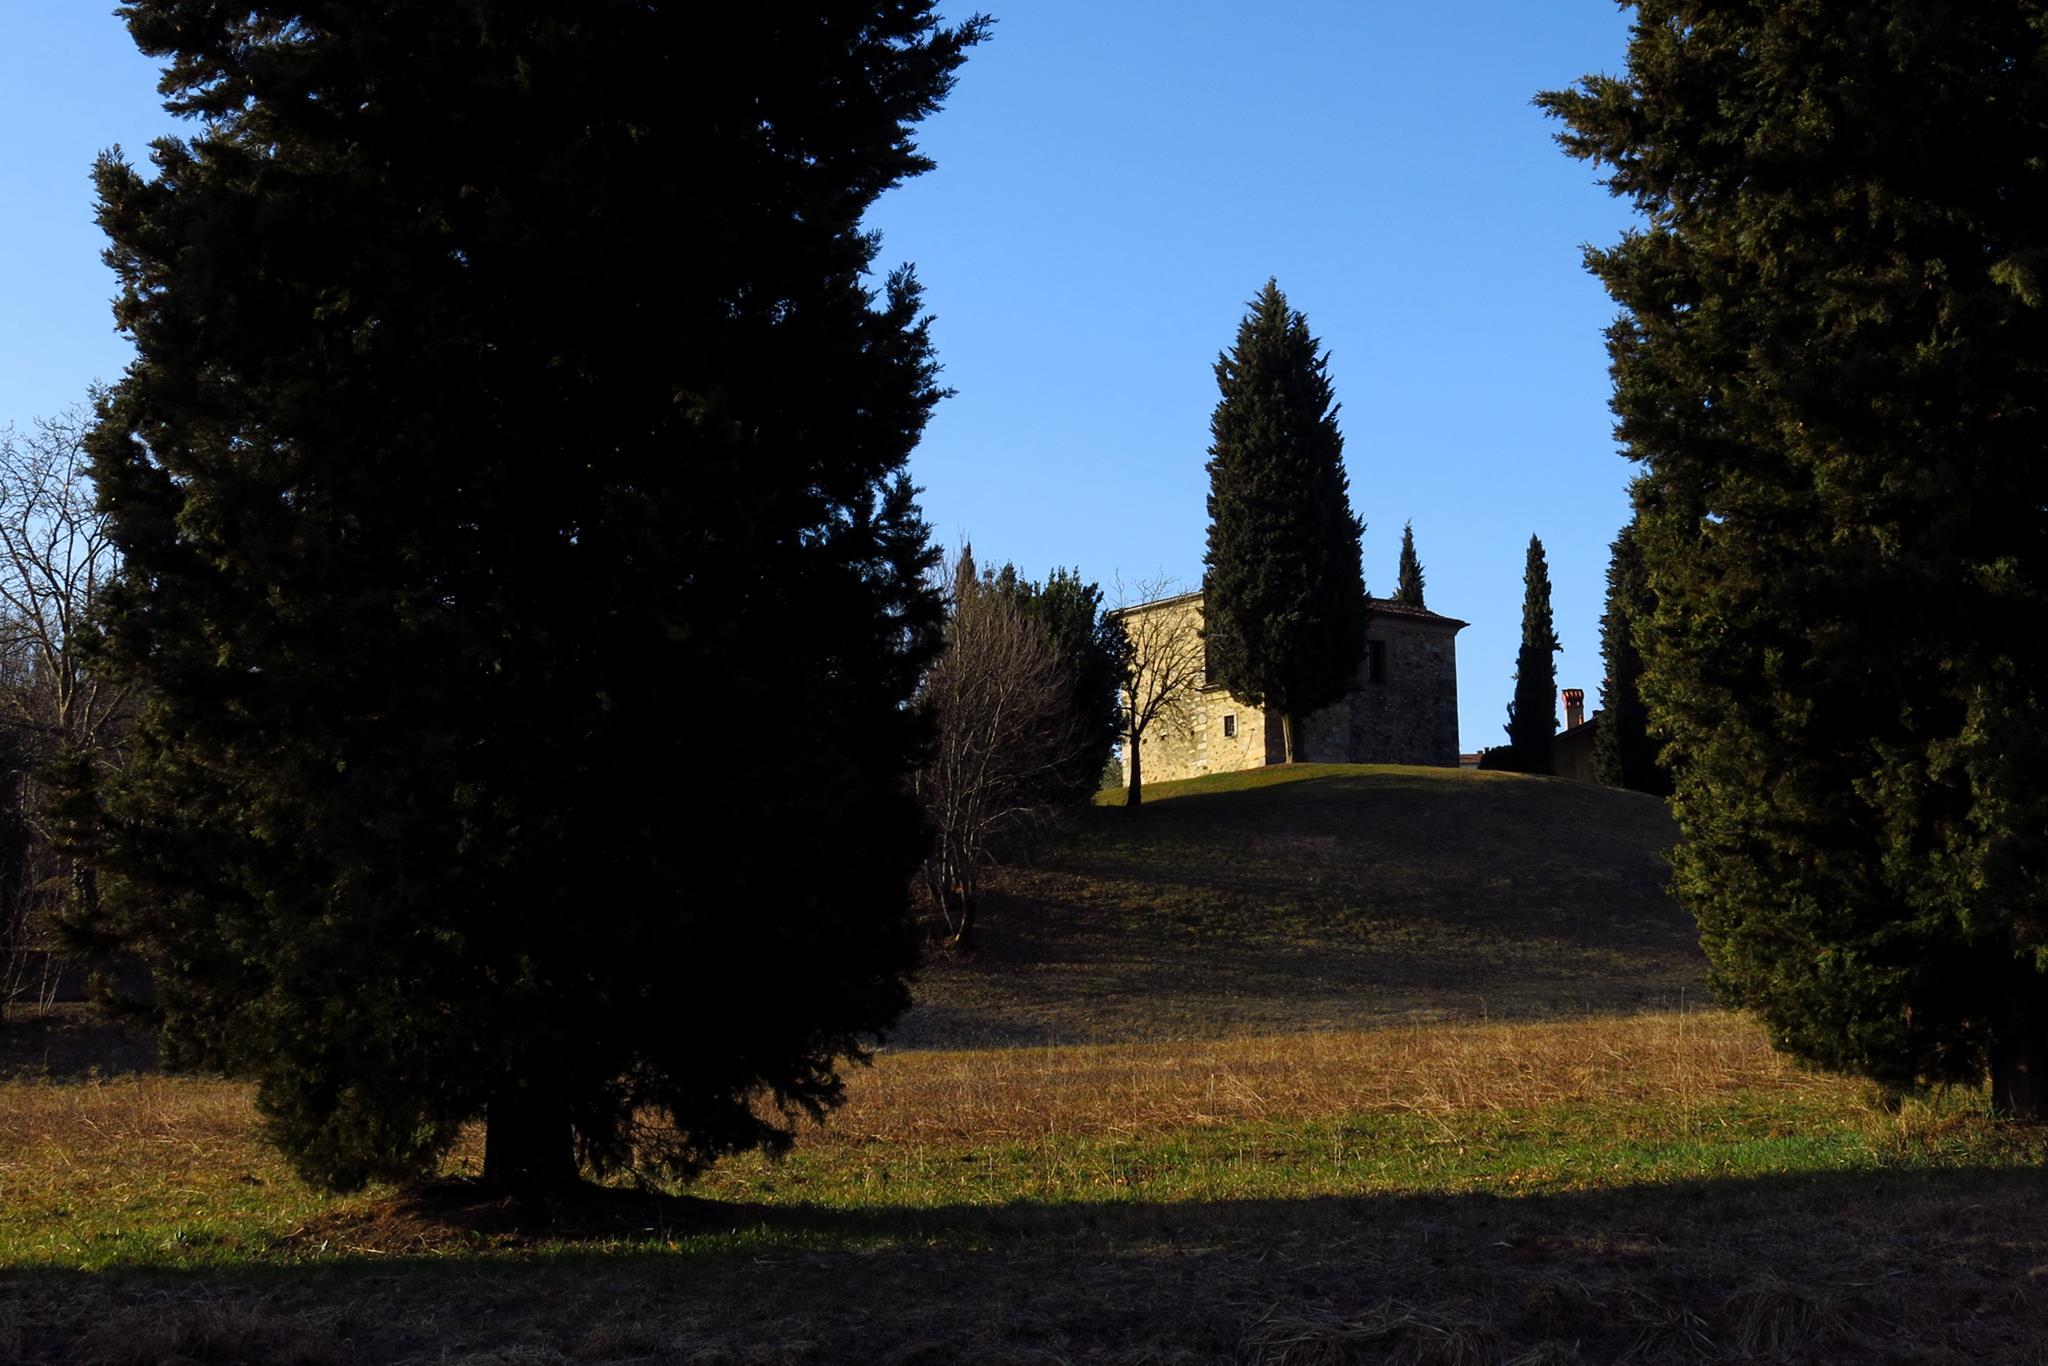 Via Longa, una camminata per riscoprire l'antico tracciato